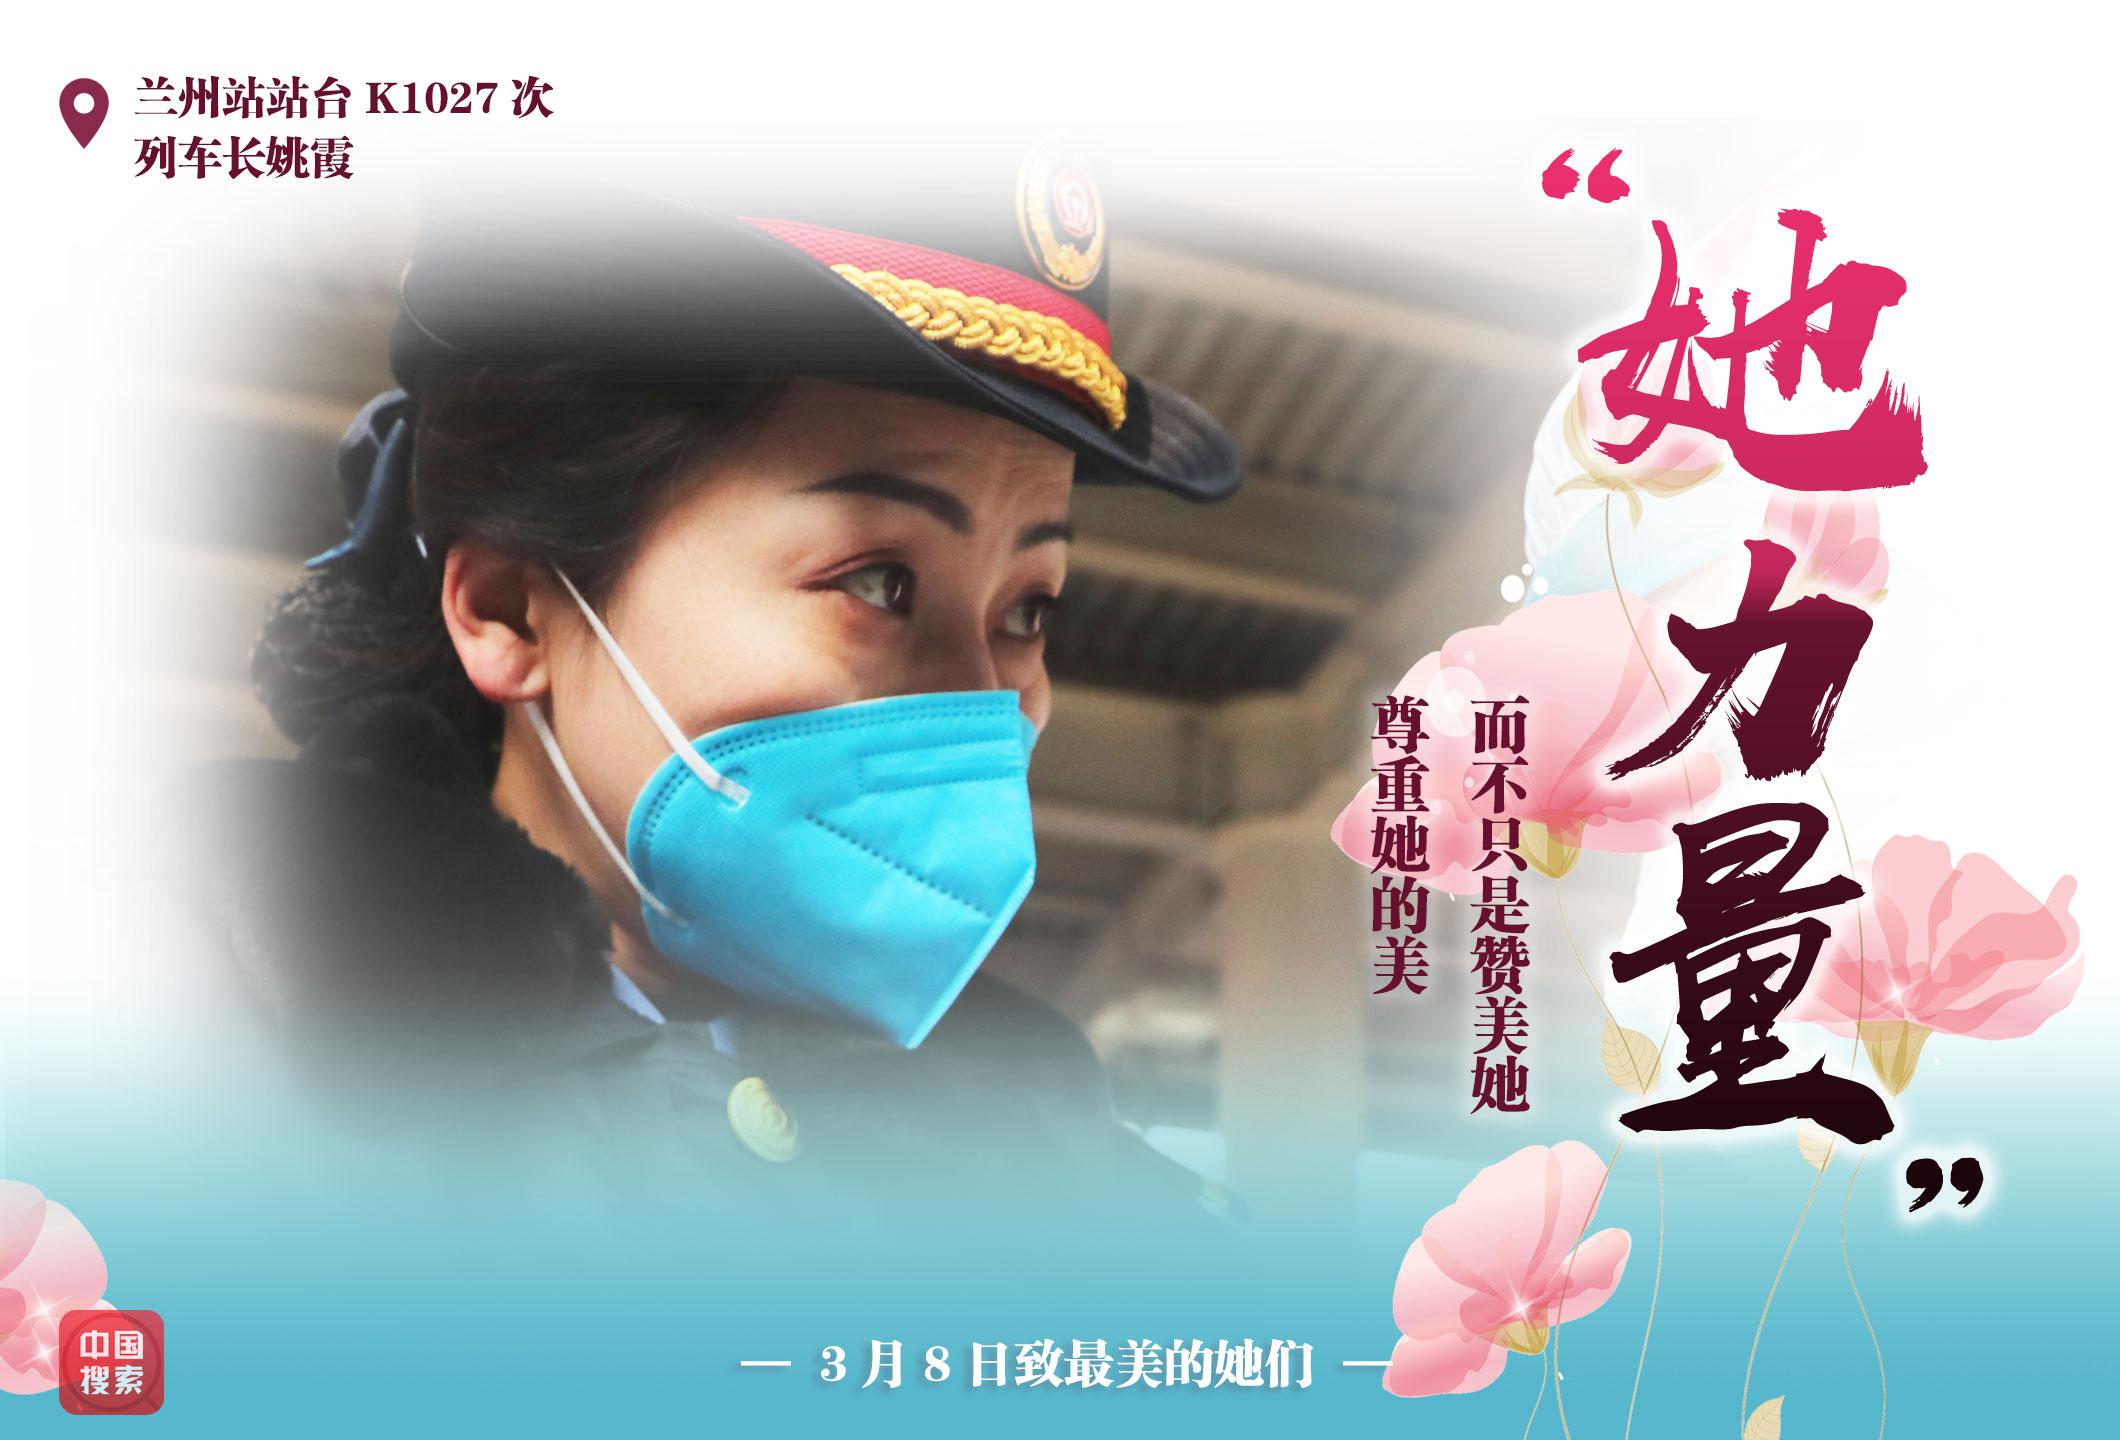 广东佛山康得福公司女工,在医用防护服生产线用压条机为防护服接缝贴密封条